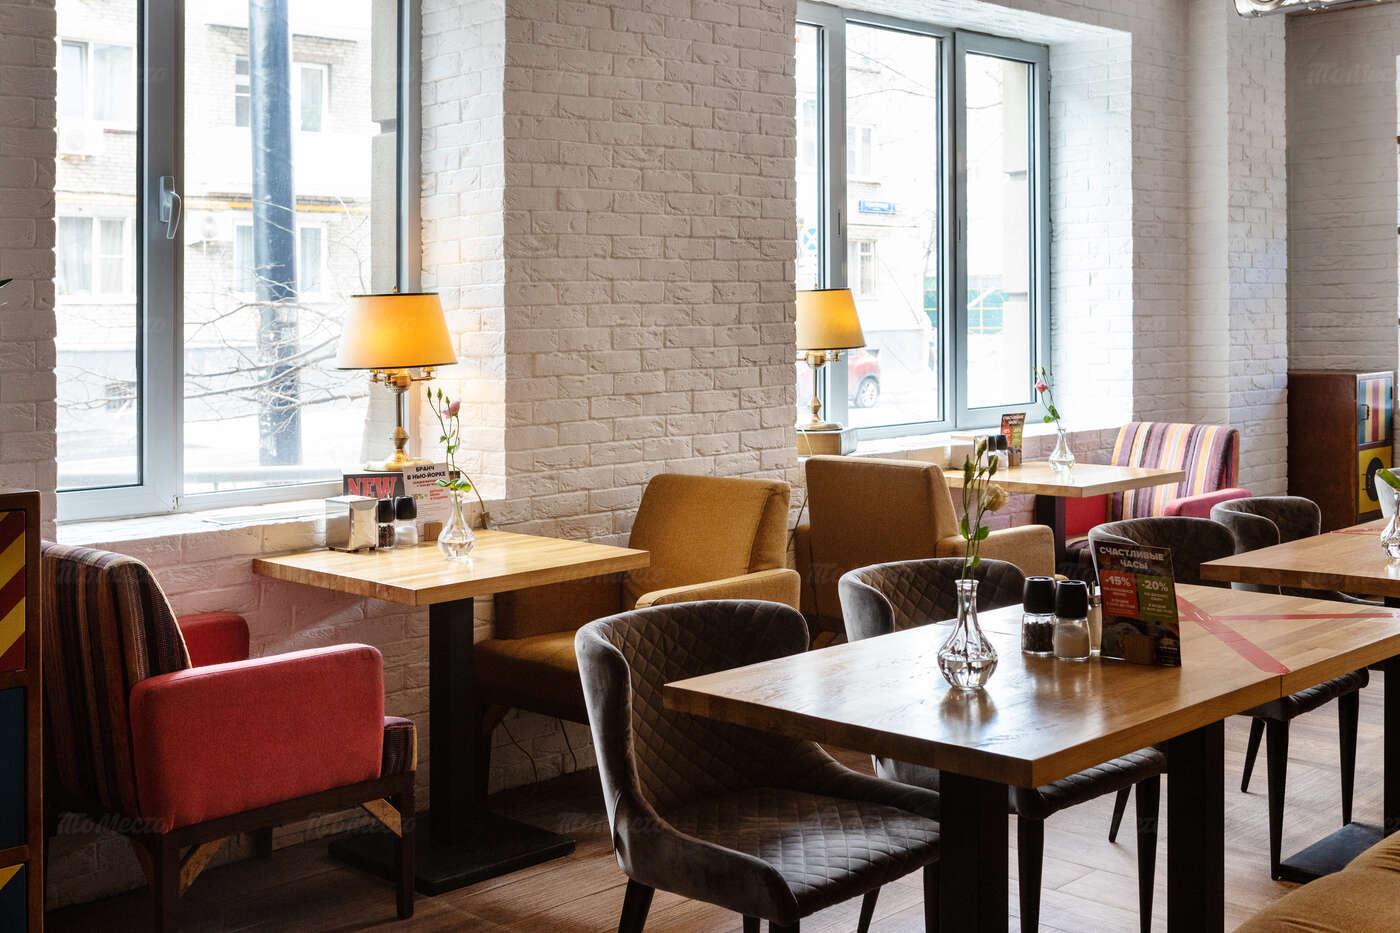 Банкеты ресторана Нью-Йорк пицца и гриль на Суворовской улице фото 3